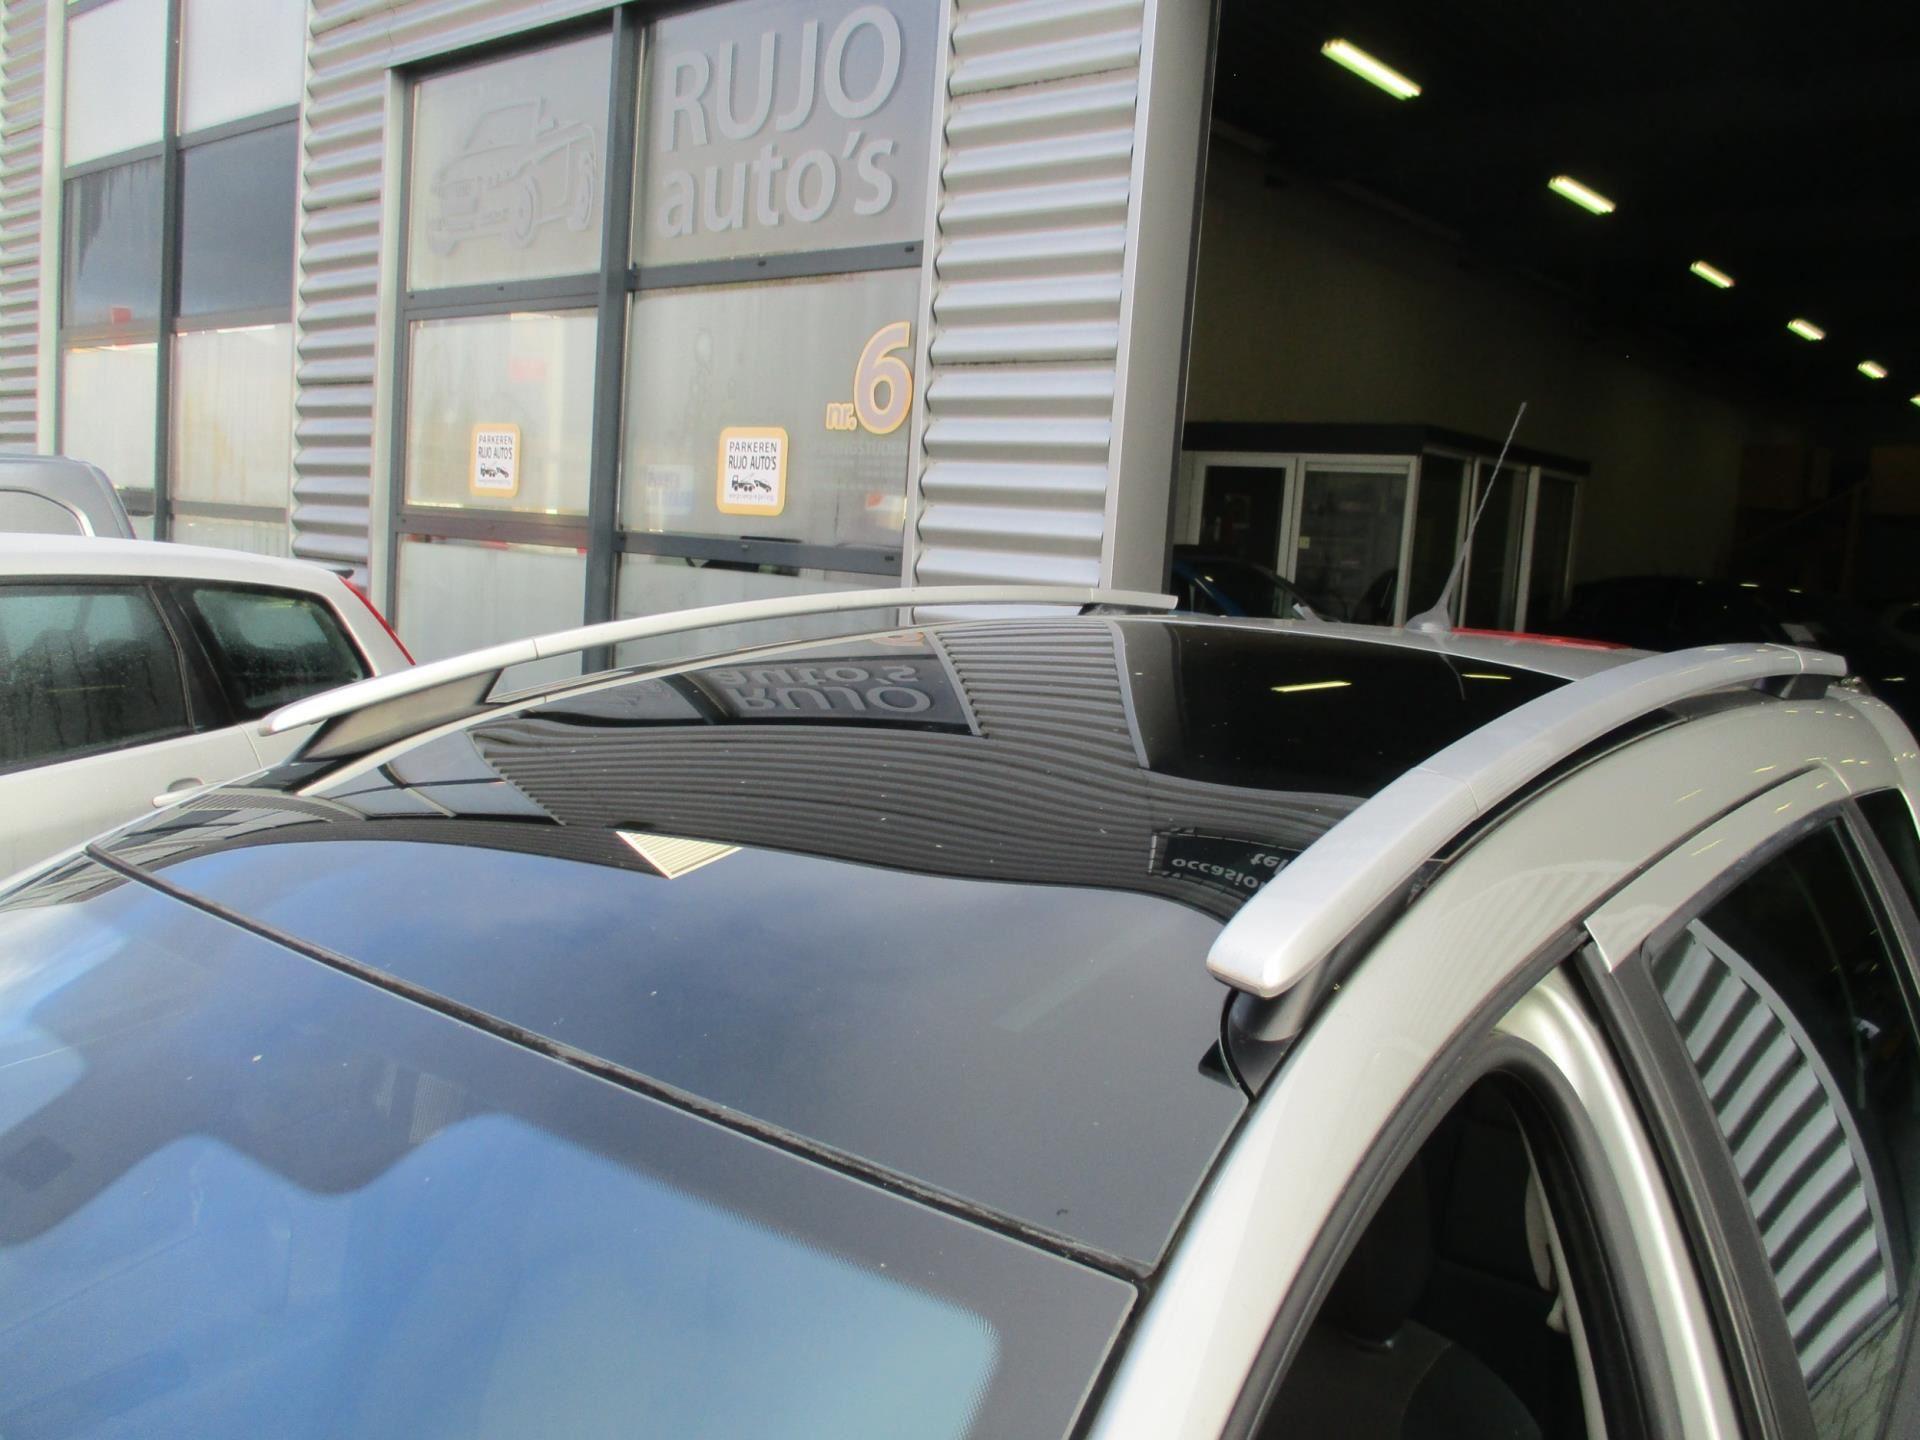 Peugeot 207 SW occasion - Rujo Auto's